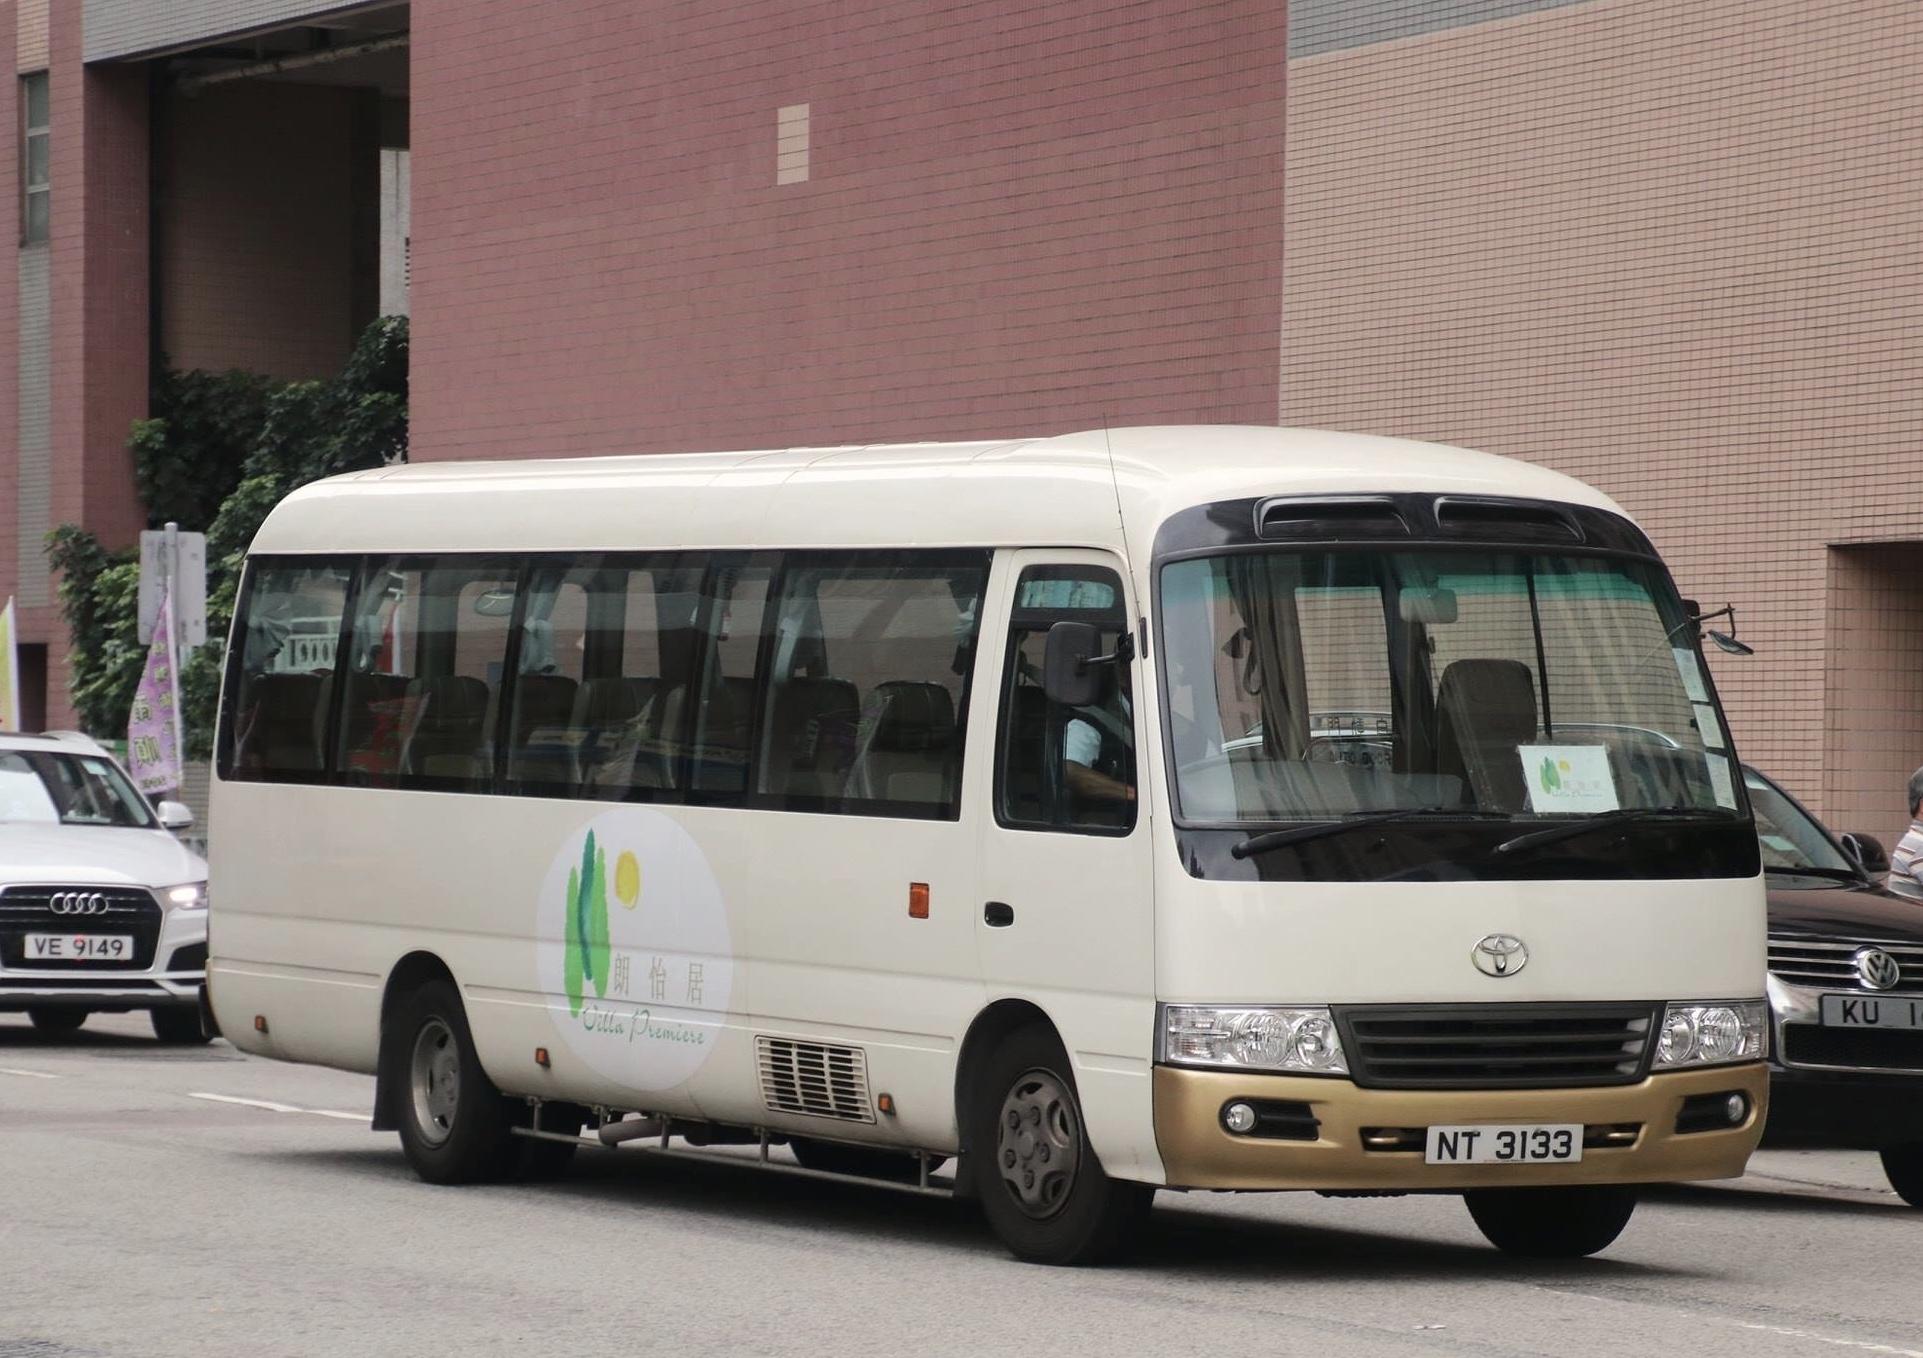 居民巴士NR966線